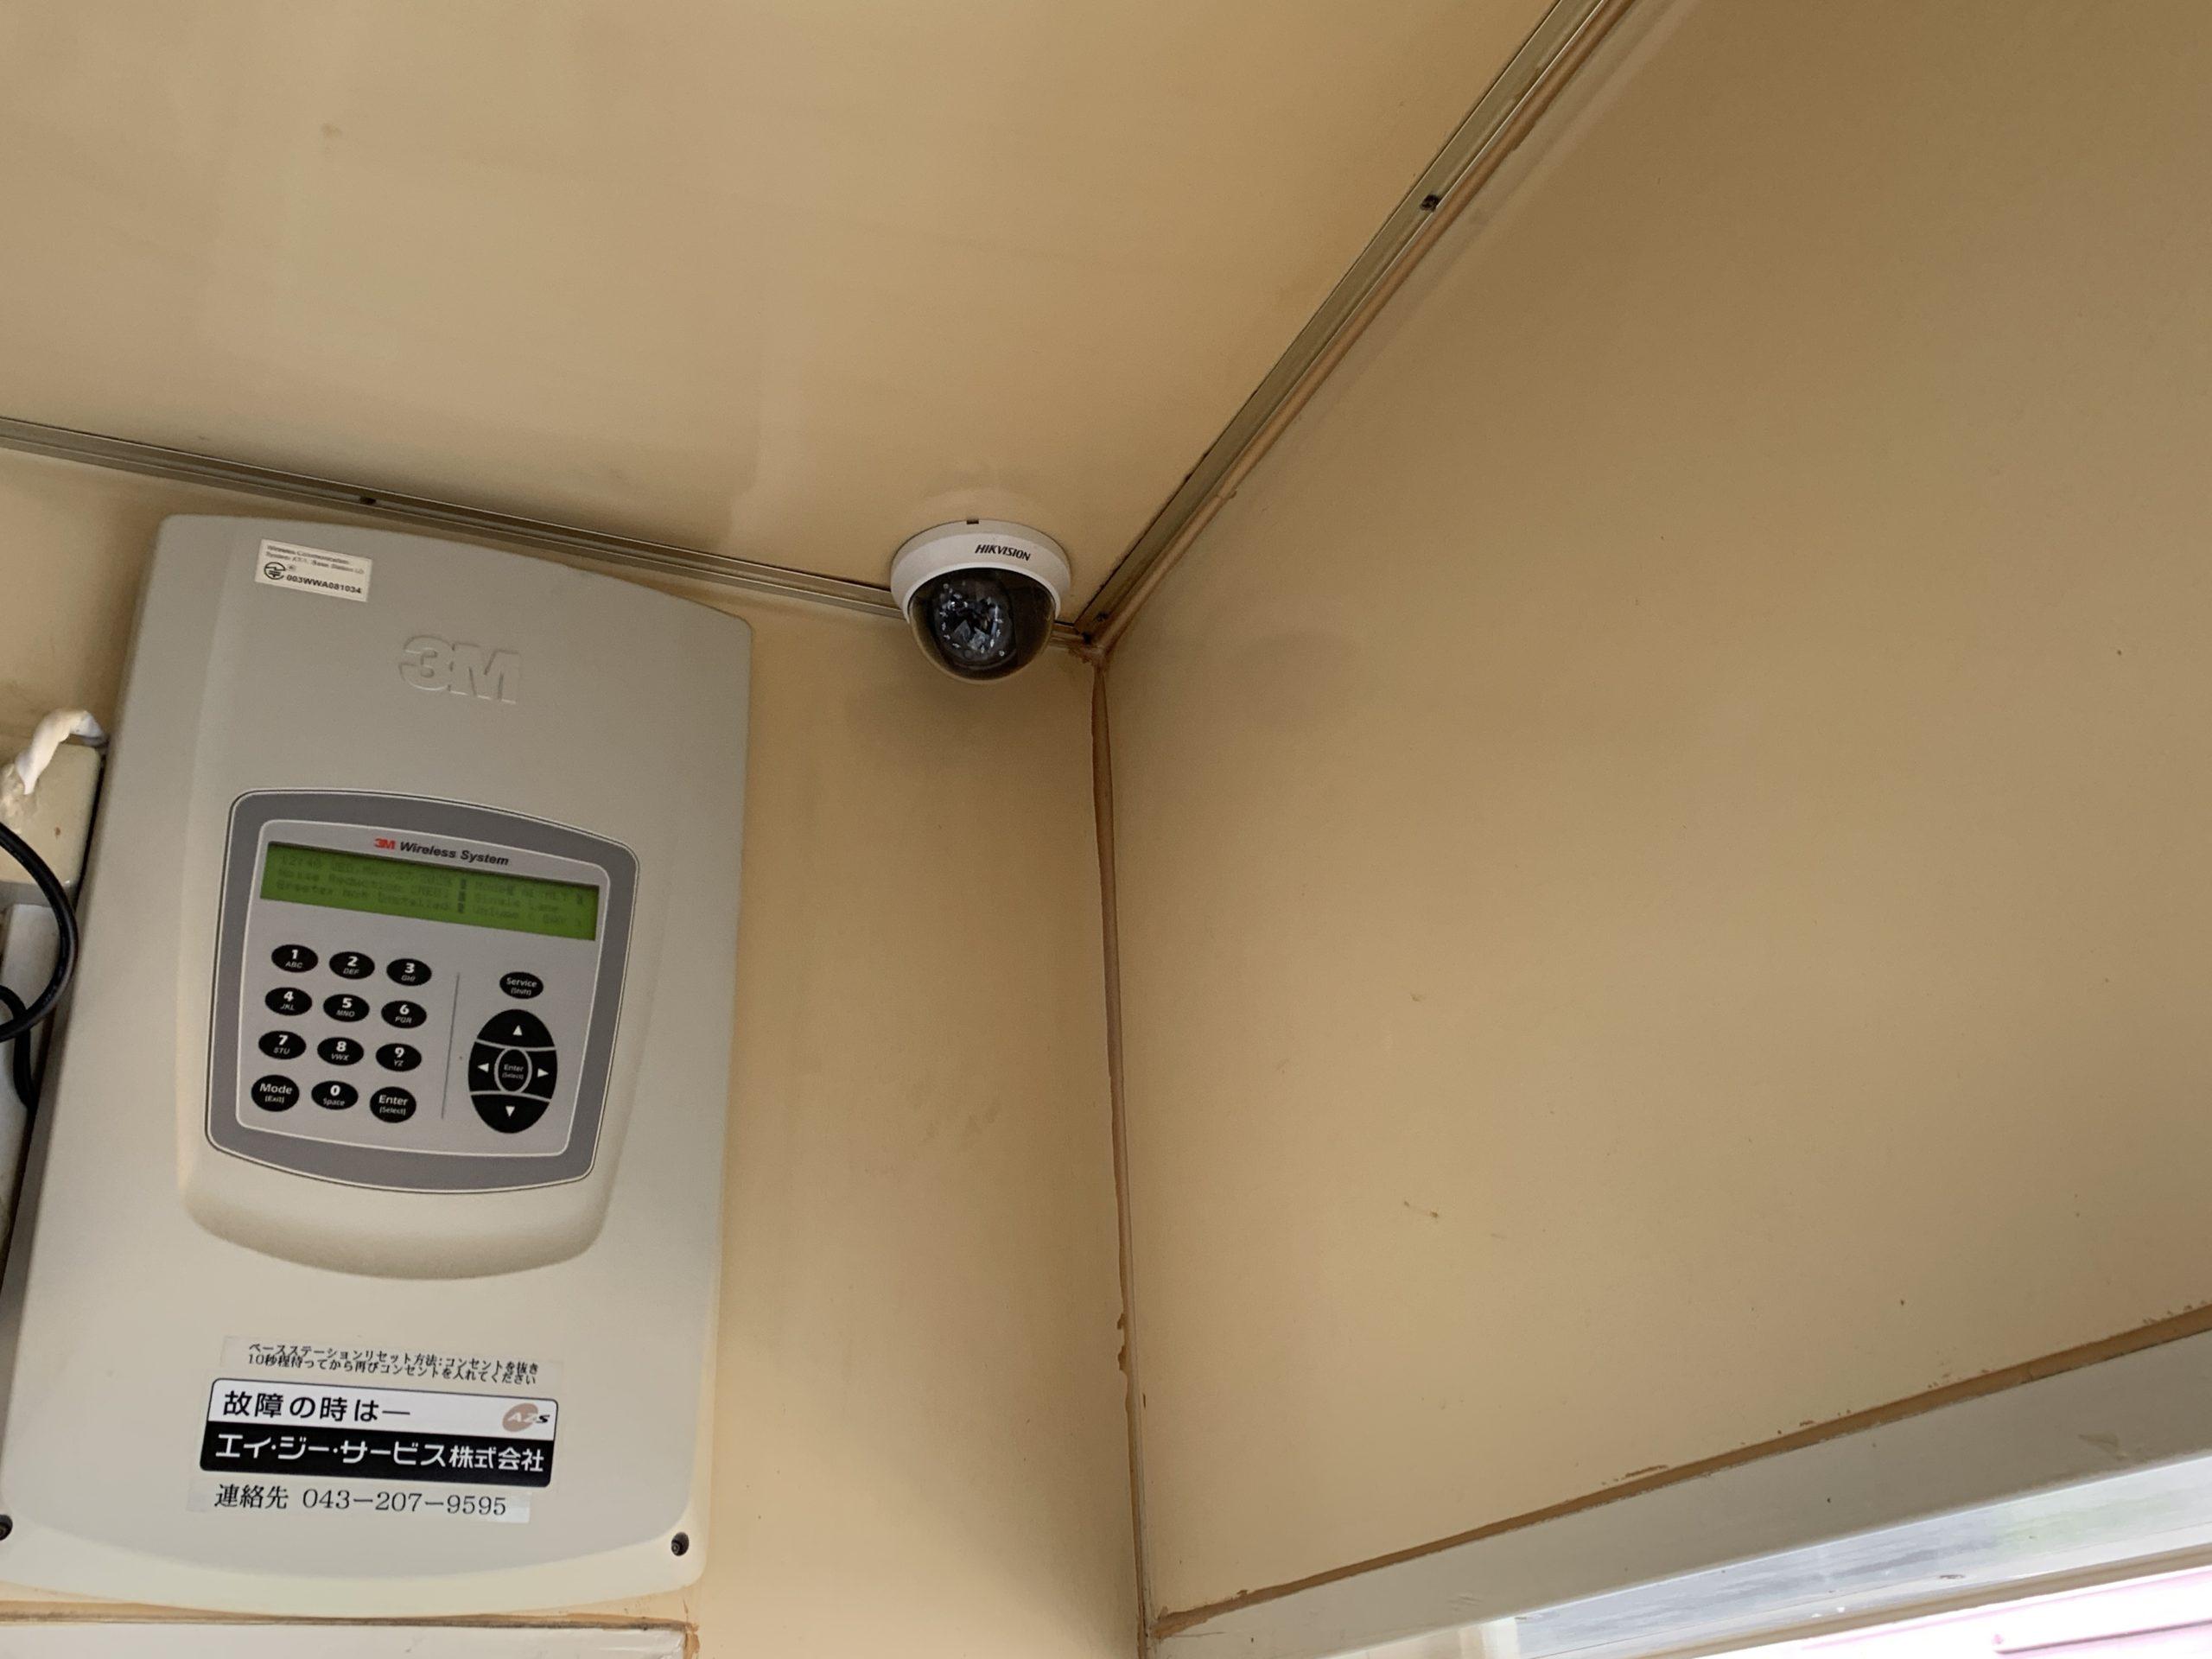 松阪市の某店舗にて監視カメラ取付工事